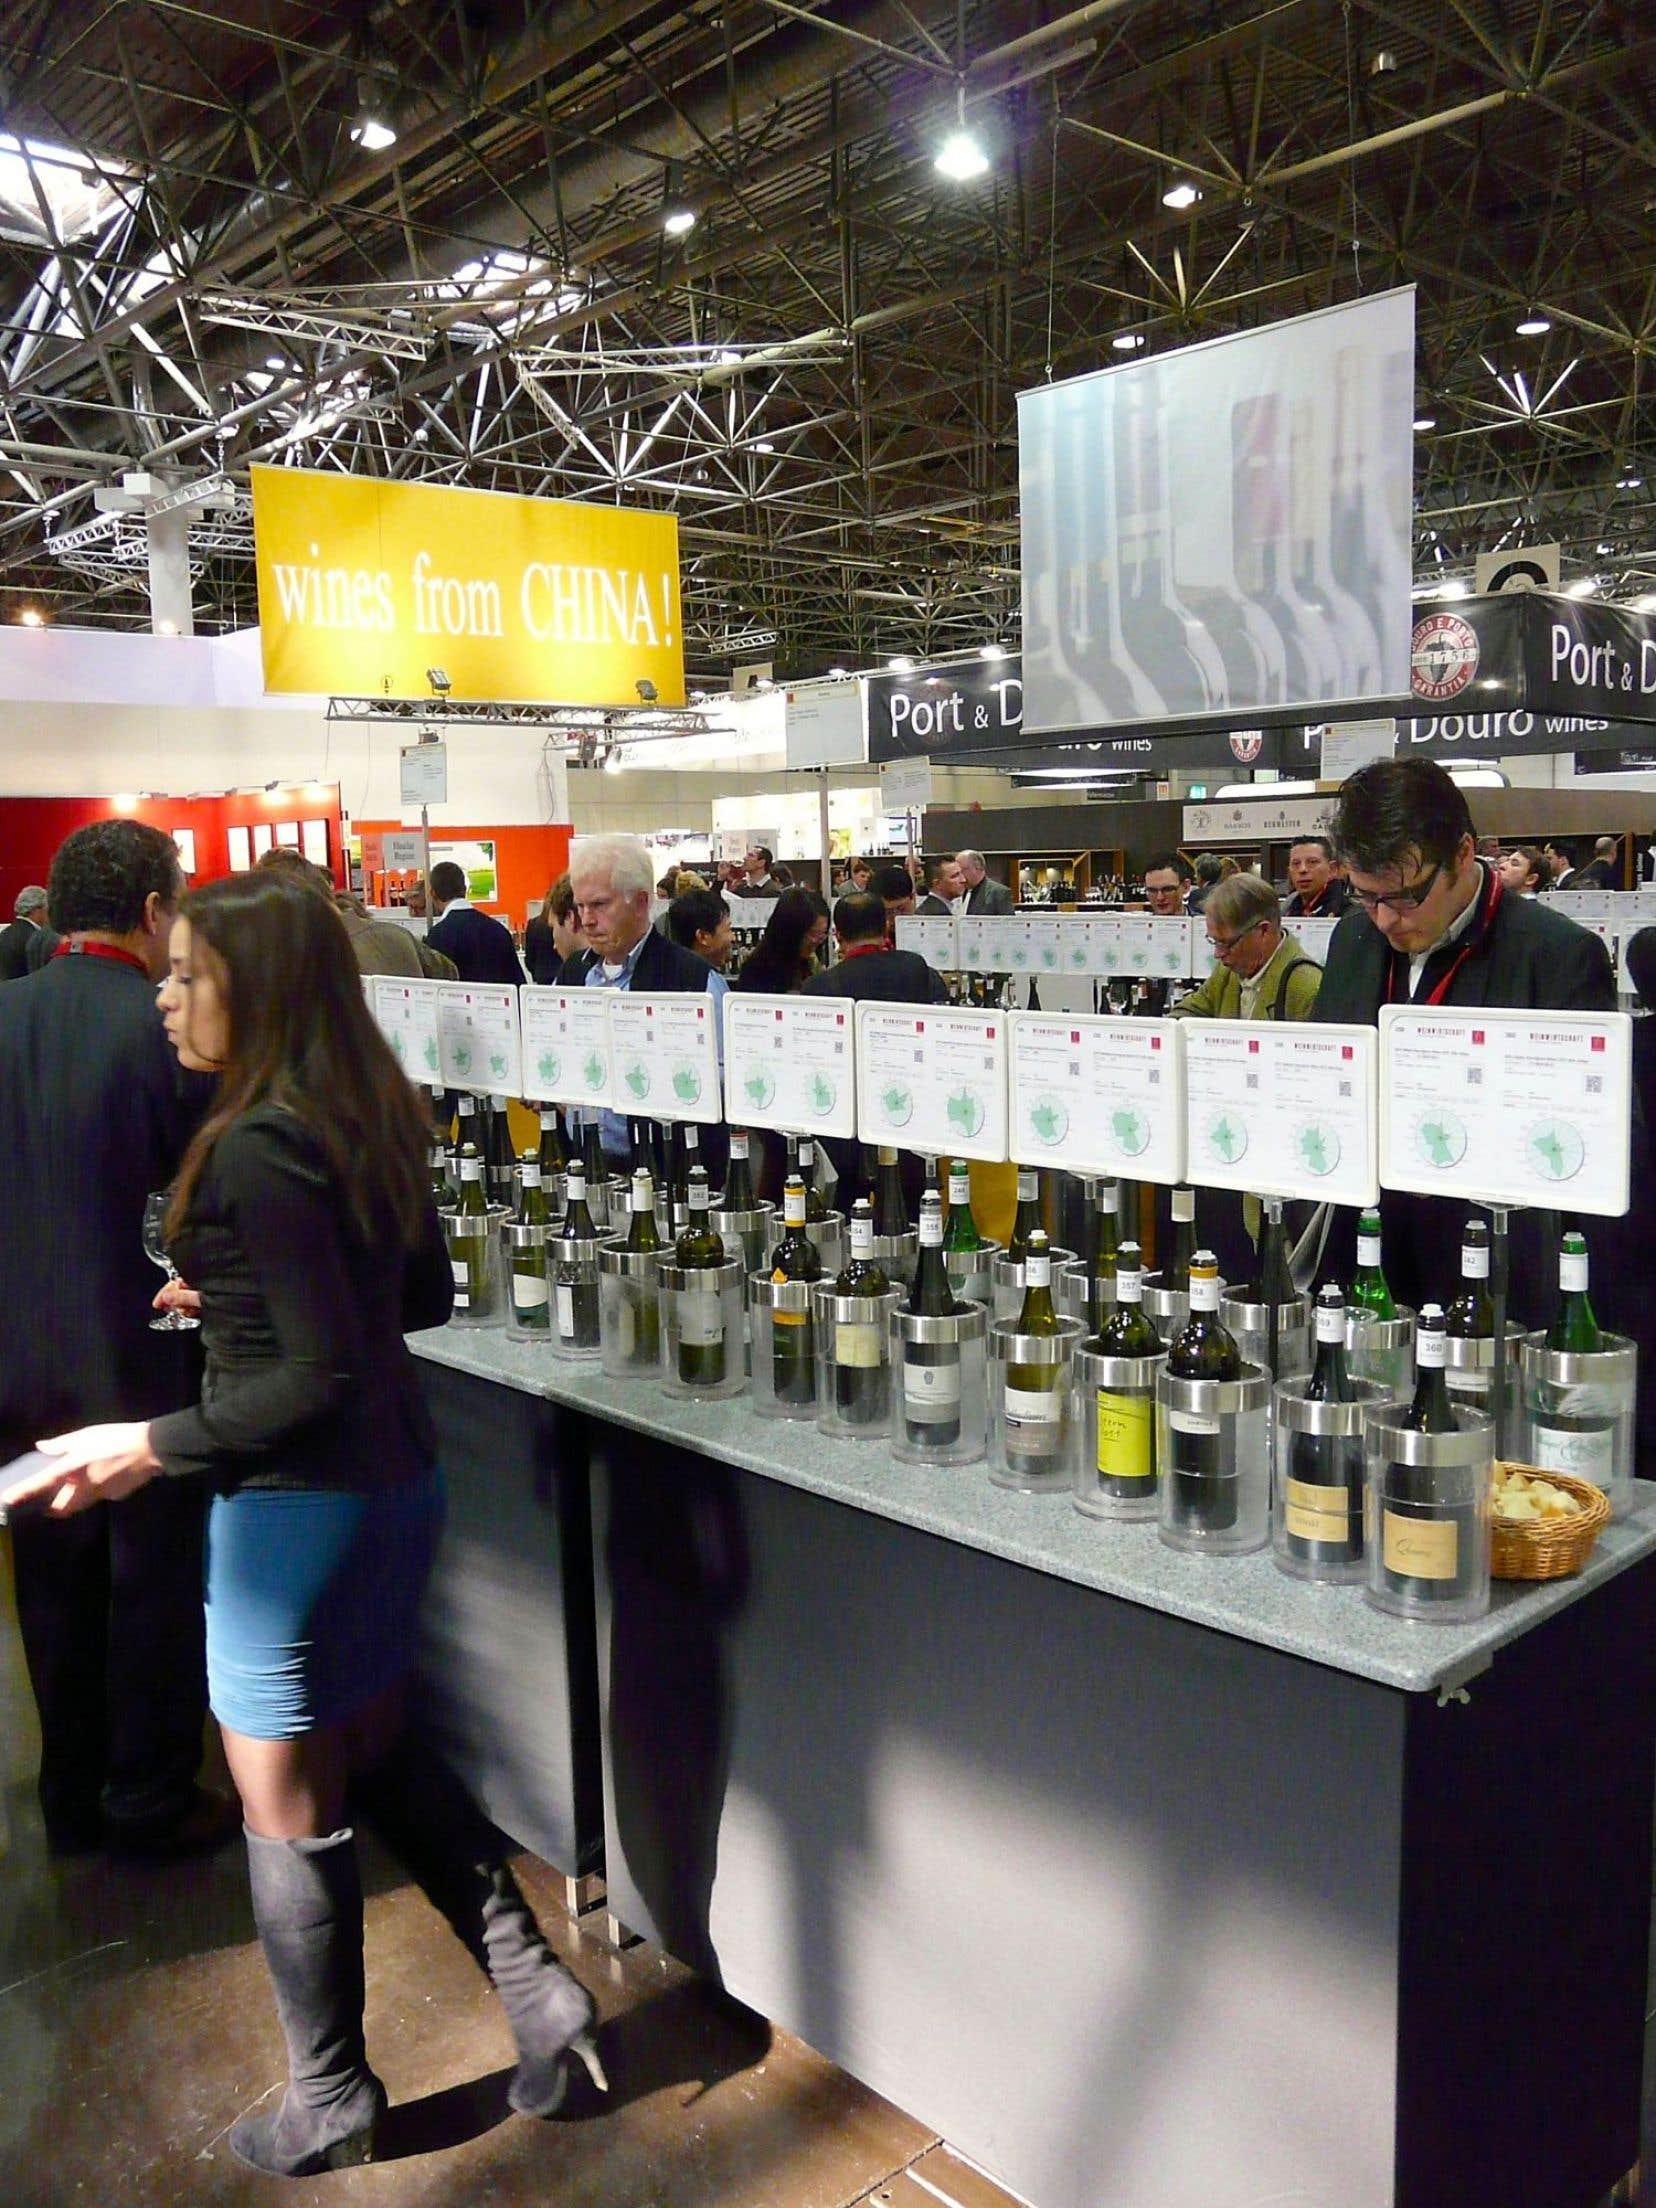 Pas facile de départager les vins de la vieille Europe des vins du Nouveau Monde. Ici, le salon Prowein en Allemagne.